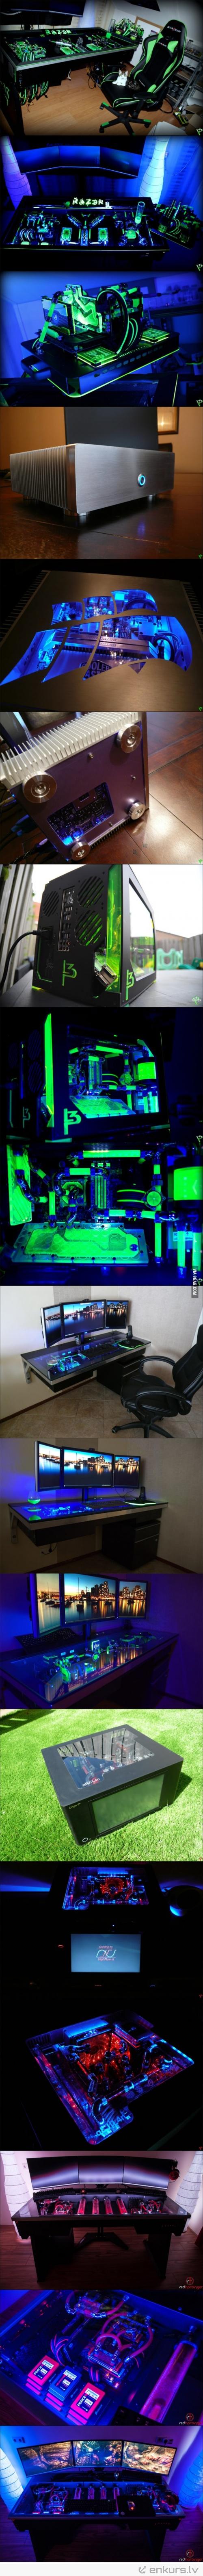 Datorspēlētāju porno